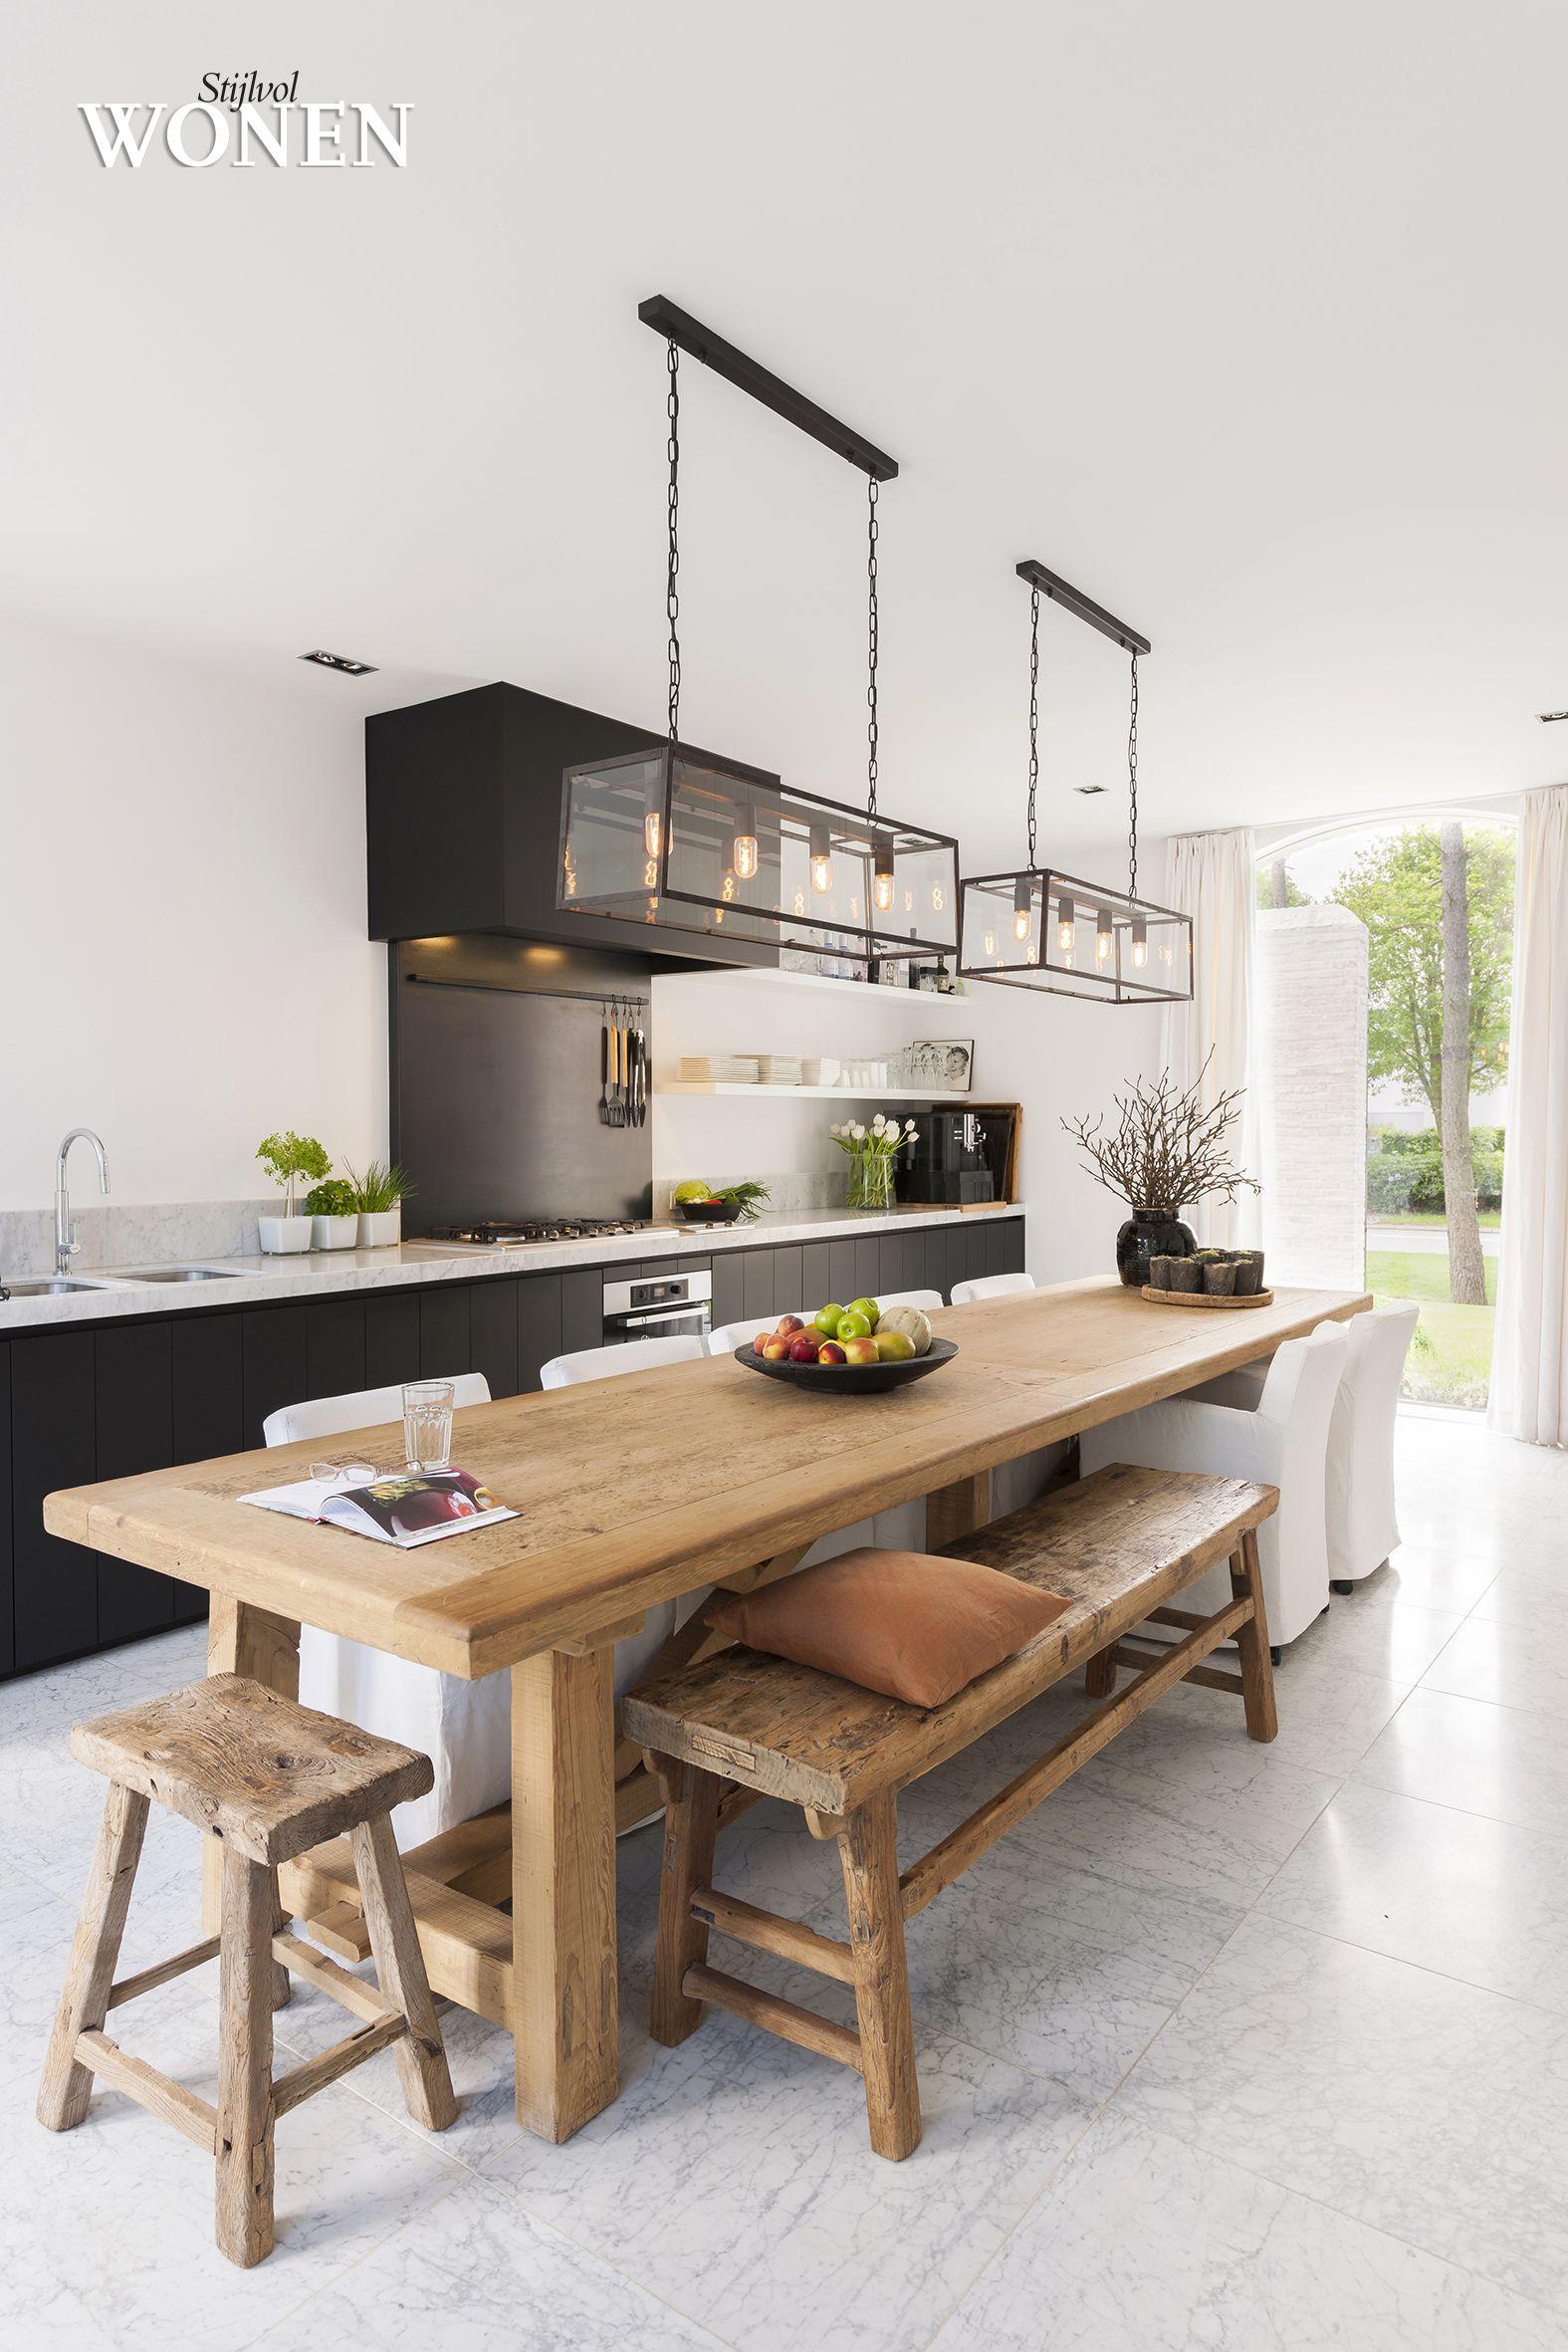 Pin von Julie Bossion auf déco | Pinterest | Tisch, Küche und Esszimmer